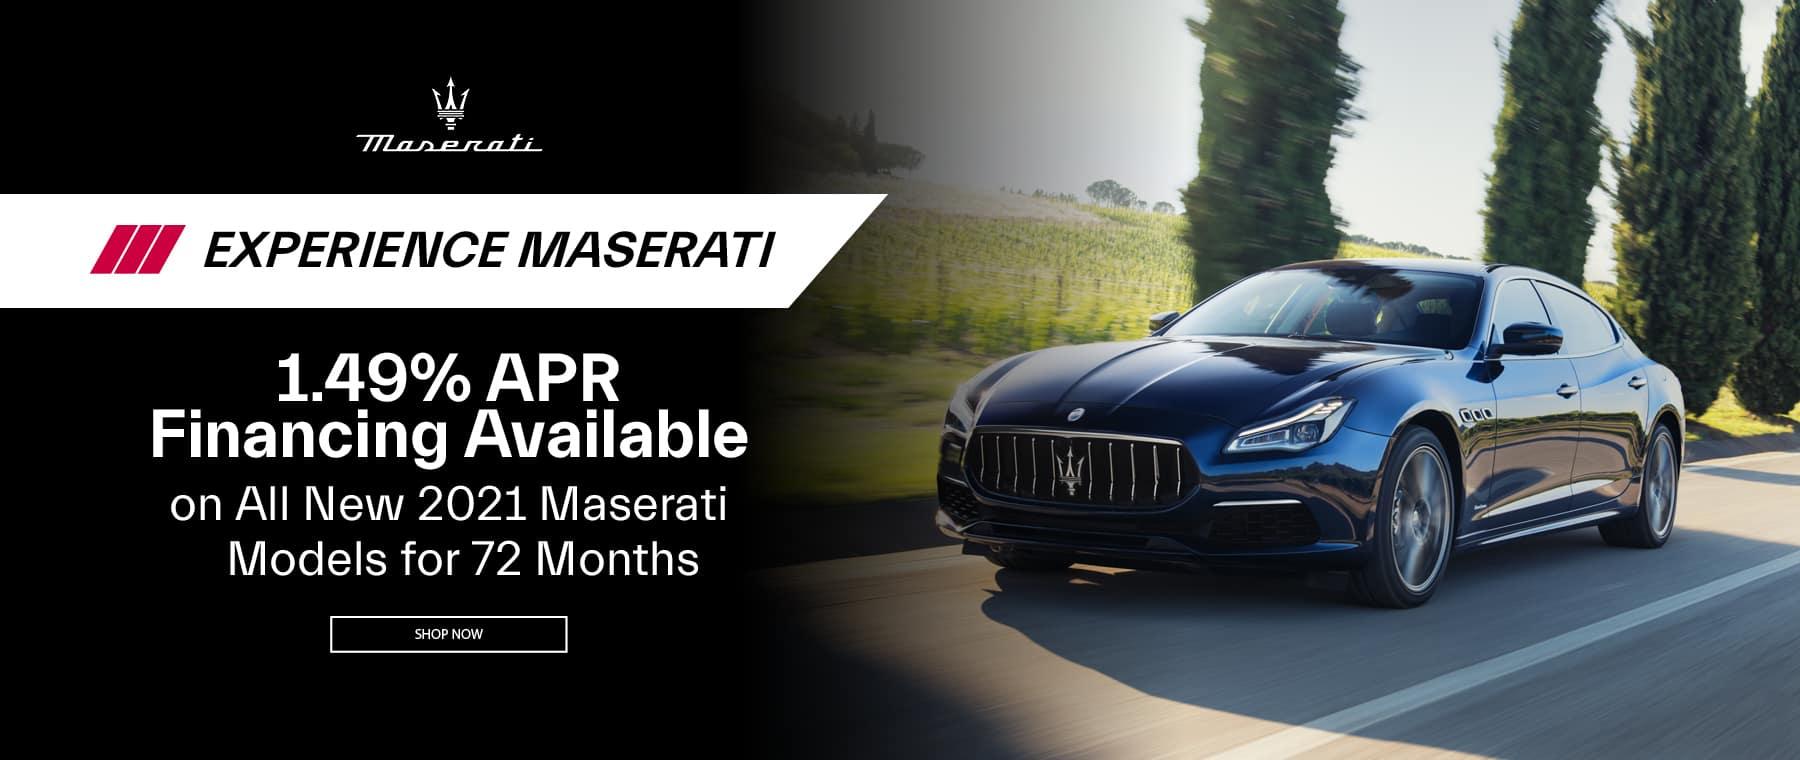 MaseratiCNJ_ExperinceMaserati_WB_July21 Offers_228993